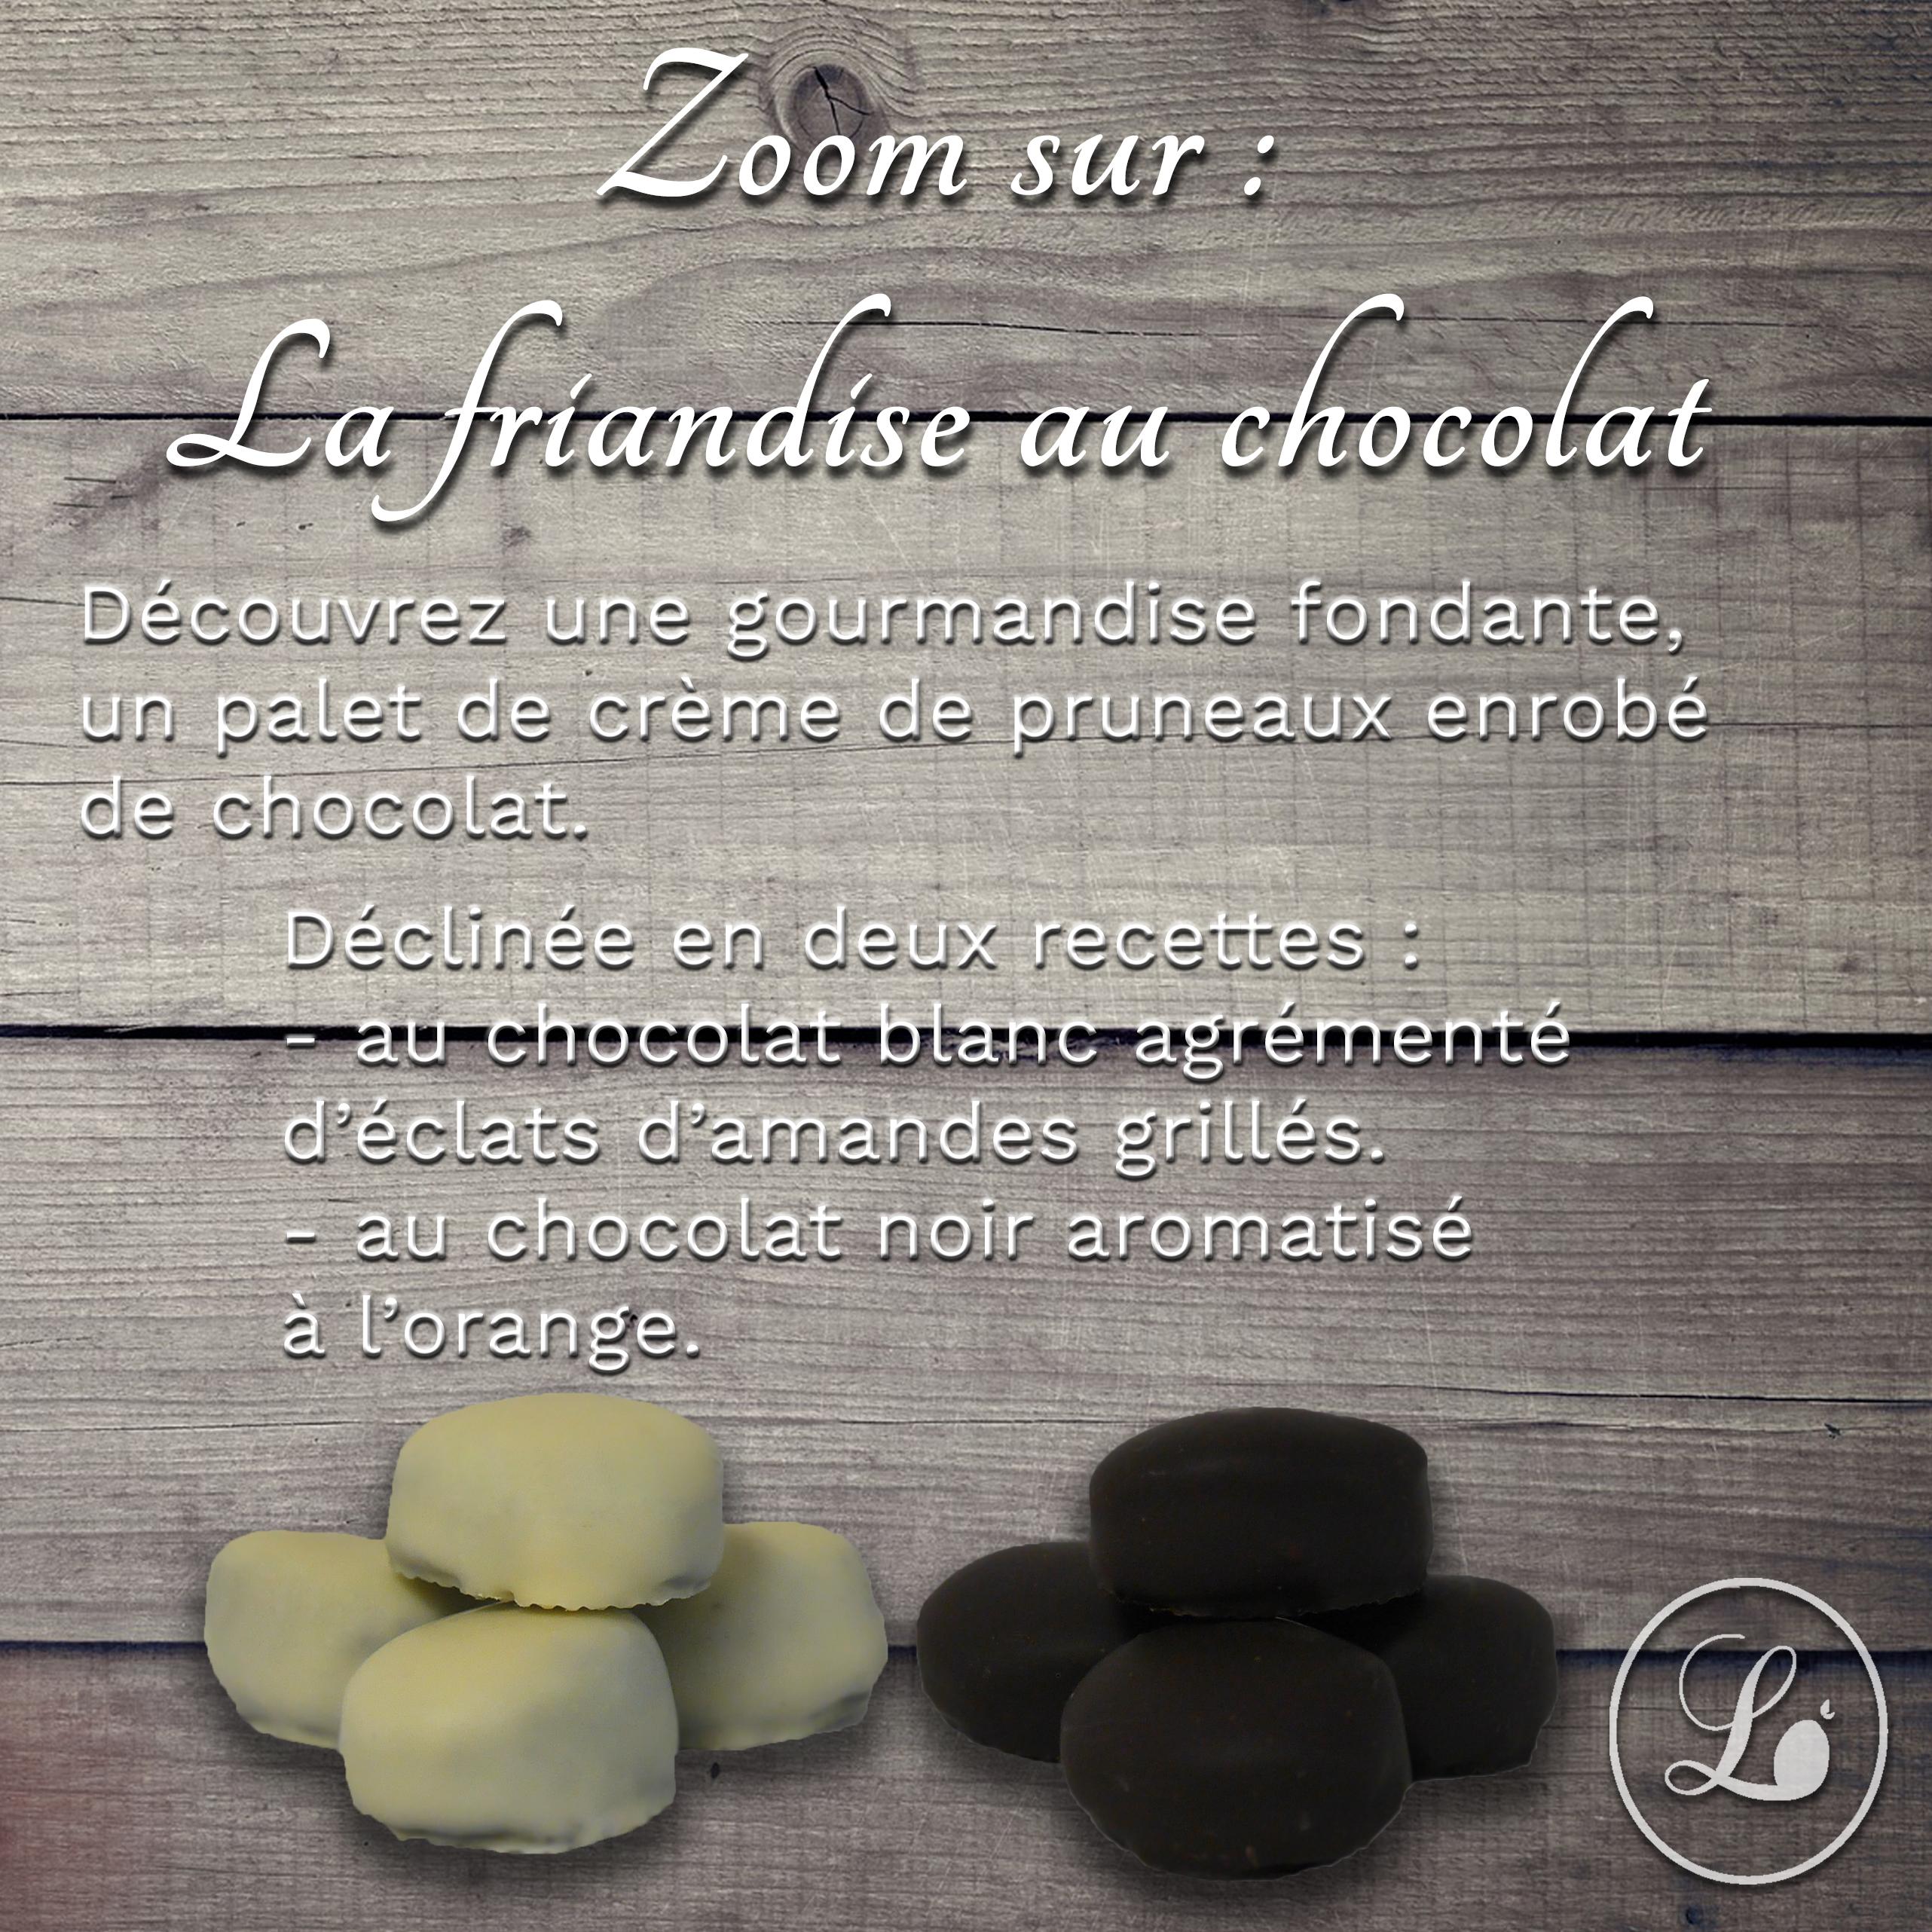 actualité Zoom sur : La friandise enrobée de chocolat